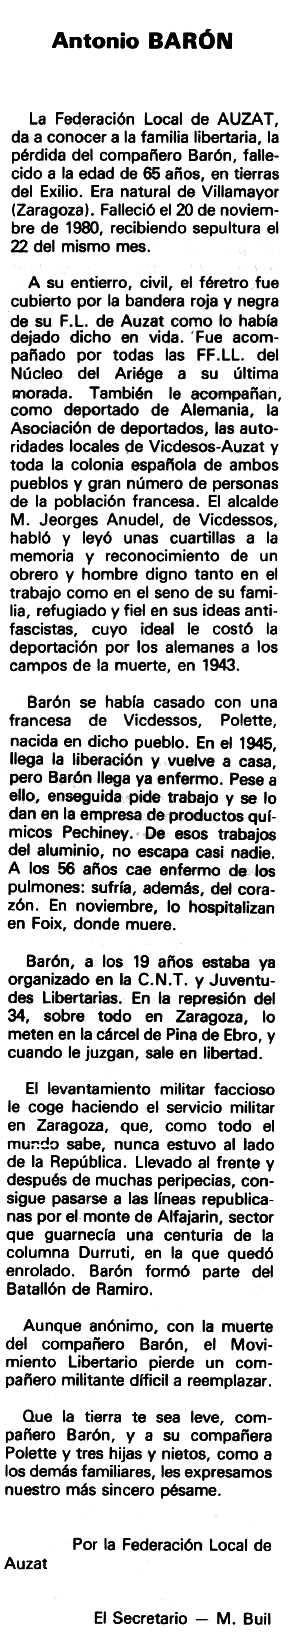 """Necrològica d'Antonio Barón Palacín apareguda en el periòdic tolosà """"Espoir"""" del 26 d'abril de 1981"""